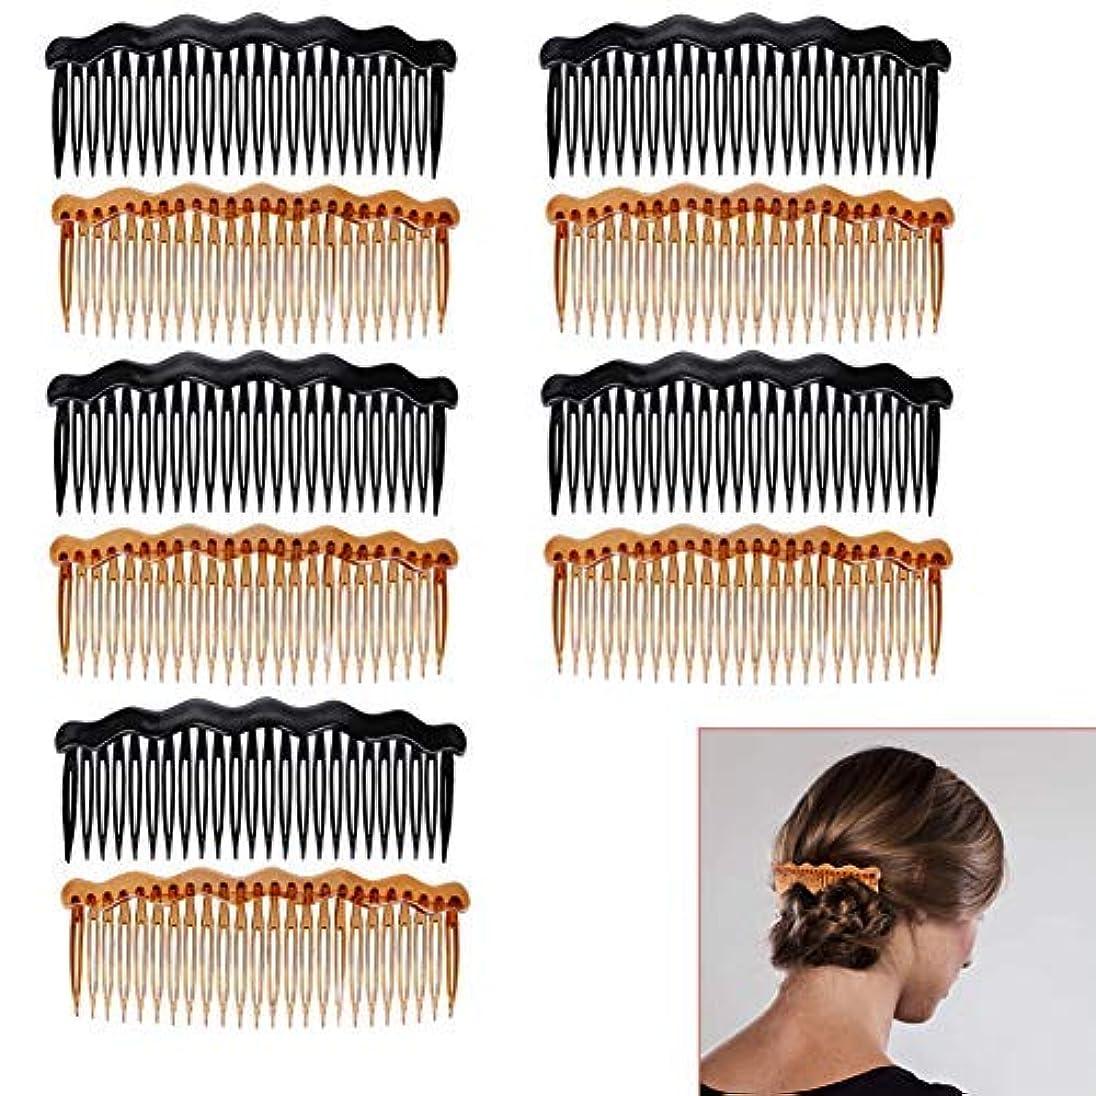 人間最大の小康Luckycivia 10Pcs Plastic French Twist Comb, Side Hair Combs with 24 Teeth Hair Comb for Fine Hair,Hair Combs Accessories...